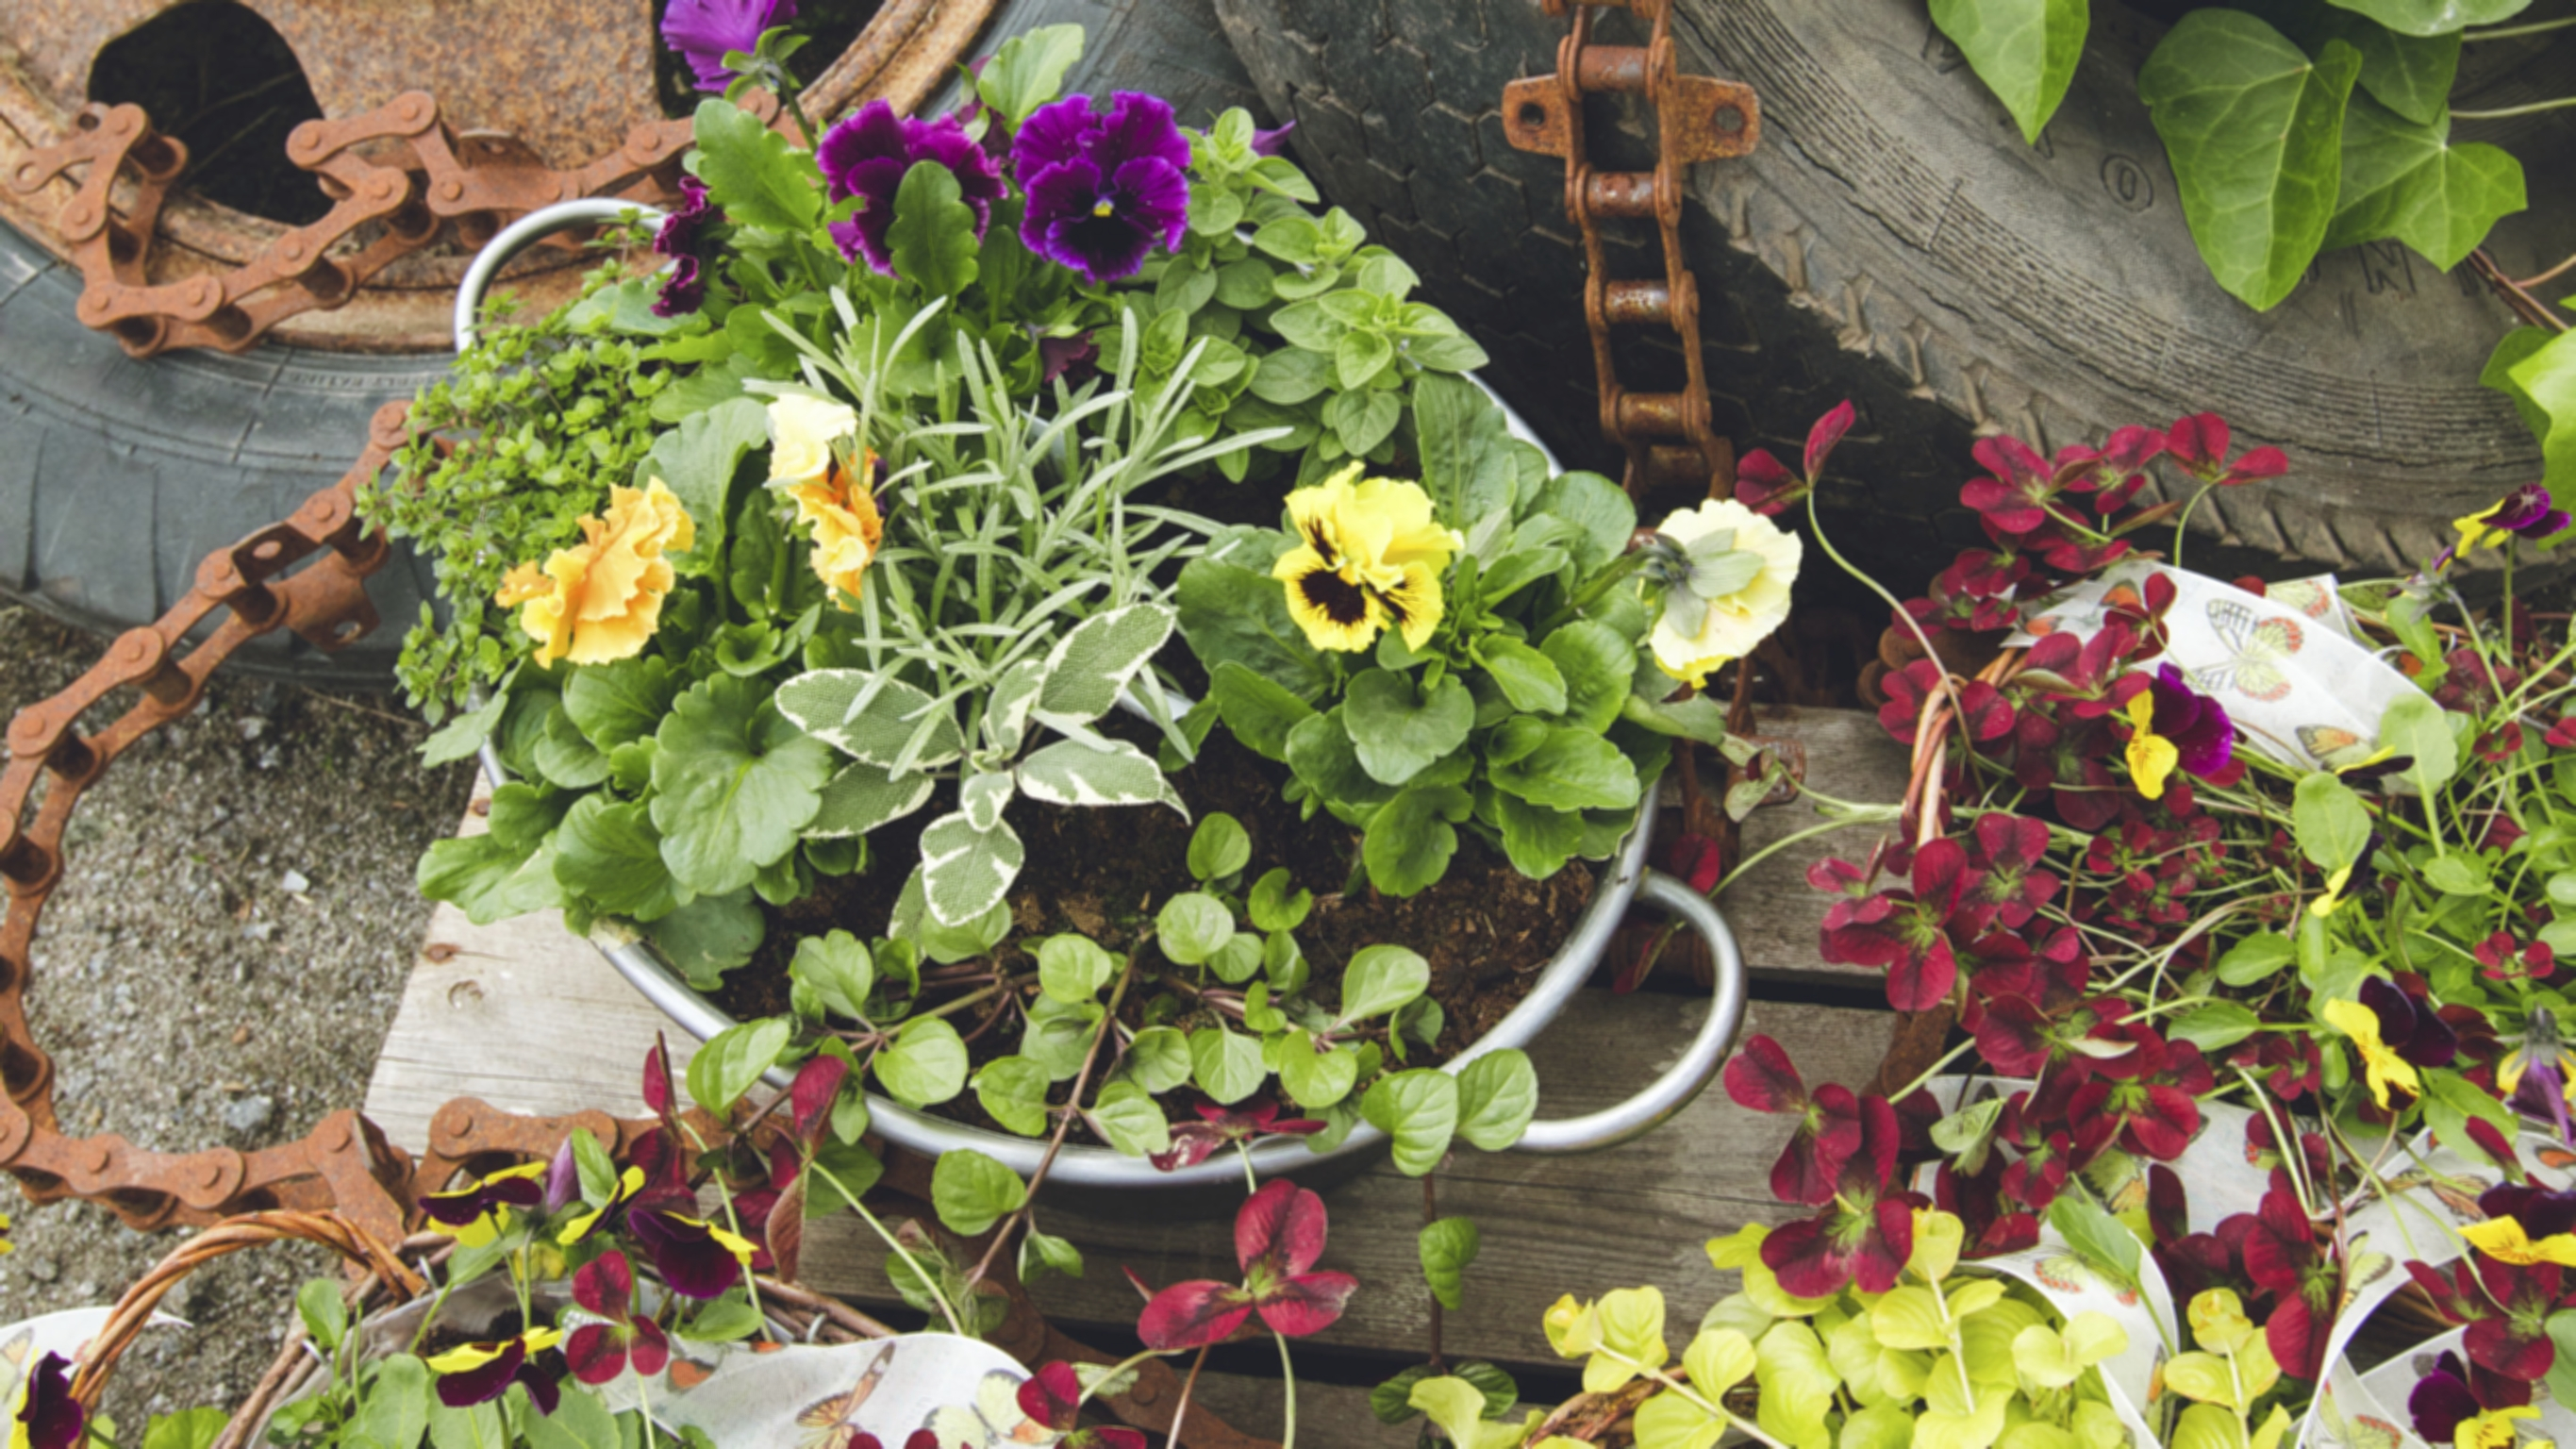 Koronakevään suosituimpia kasveja ovat olleet kaikki värikkäät ja syötävät kasvit.